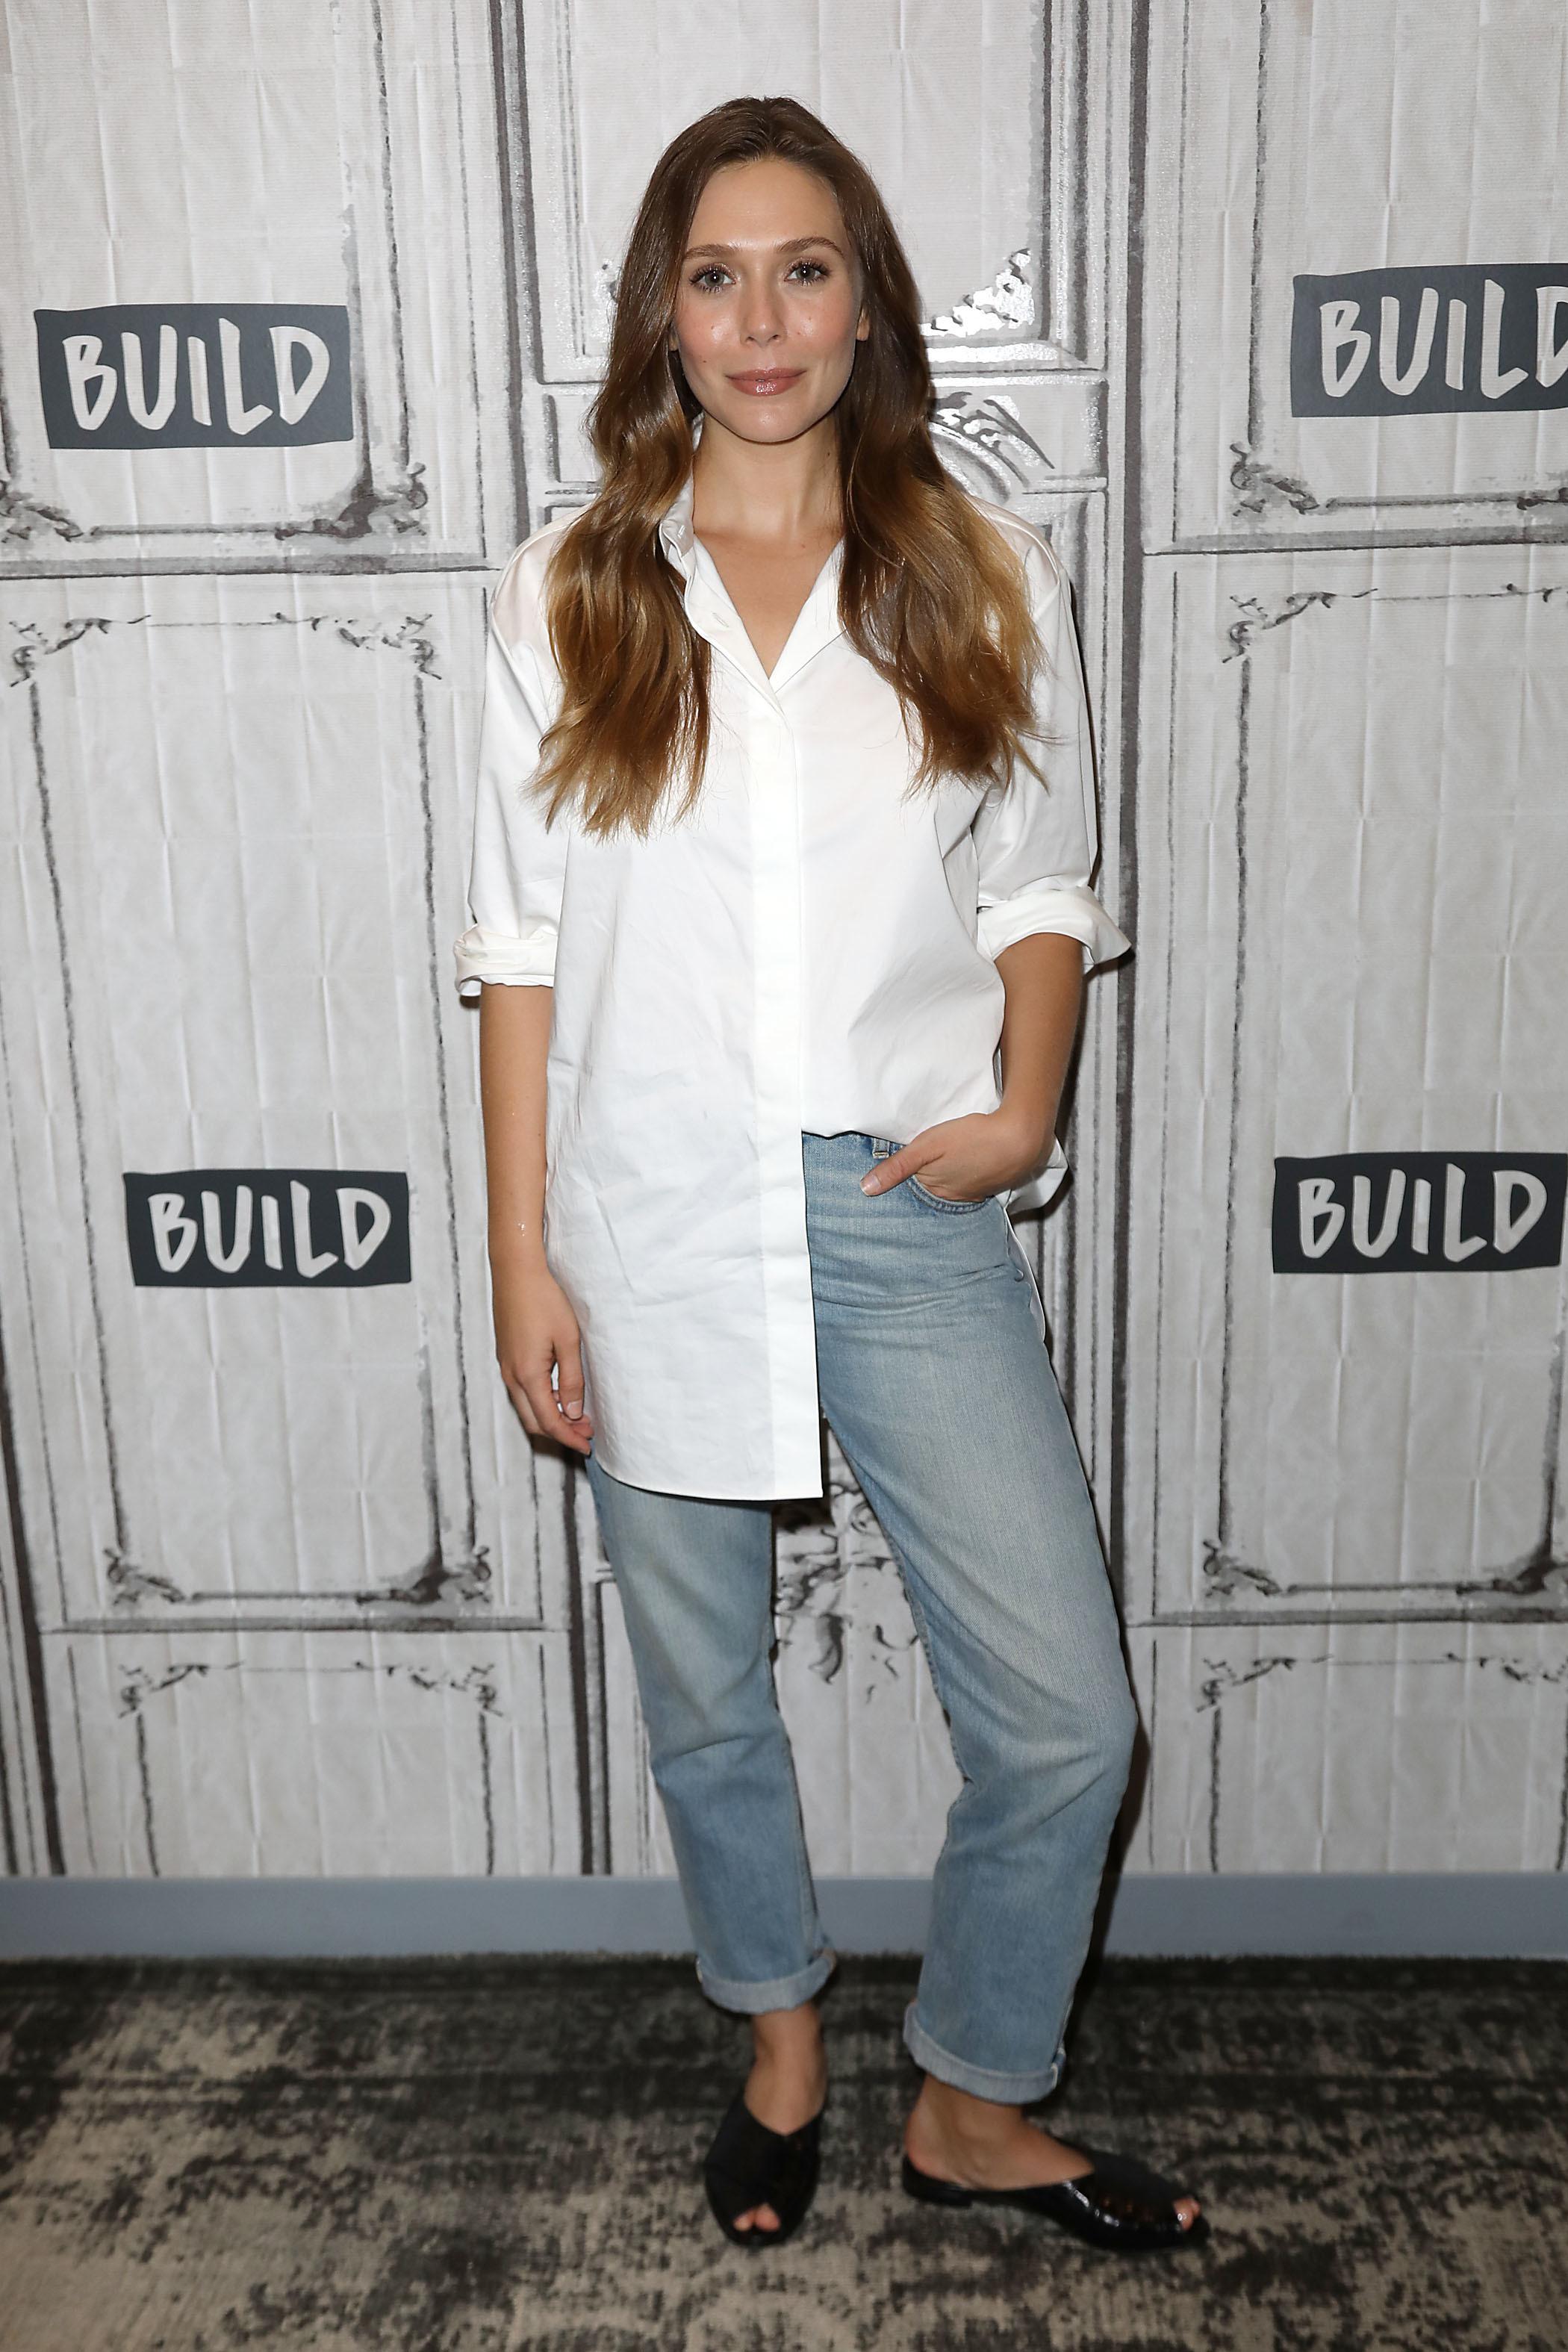 Elizabeth Olsen attends the BUILD Speaker Series in New York City on Sept. 12, 2018.